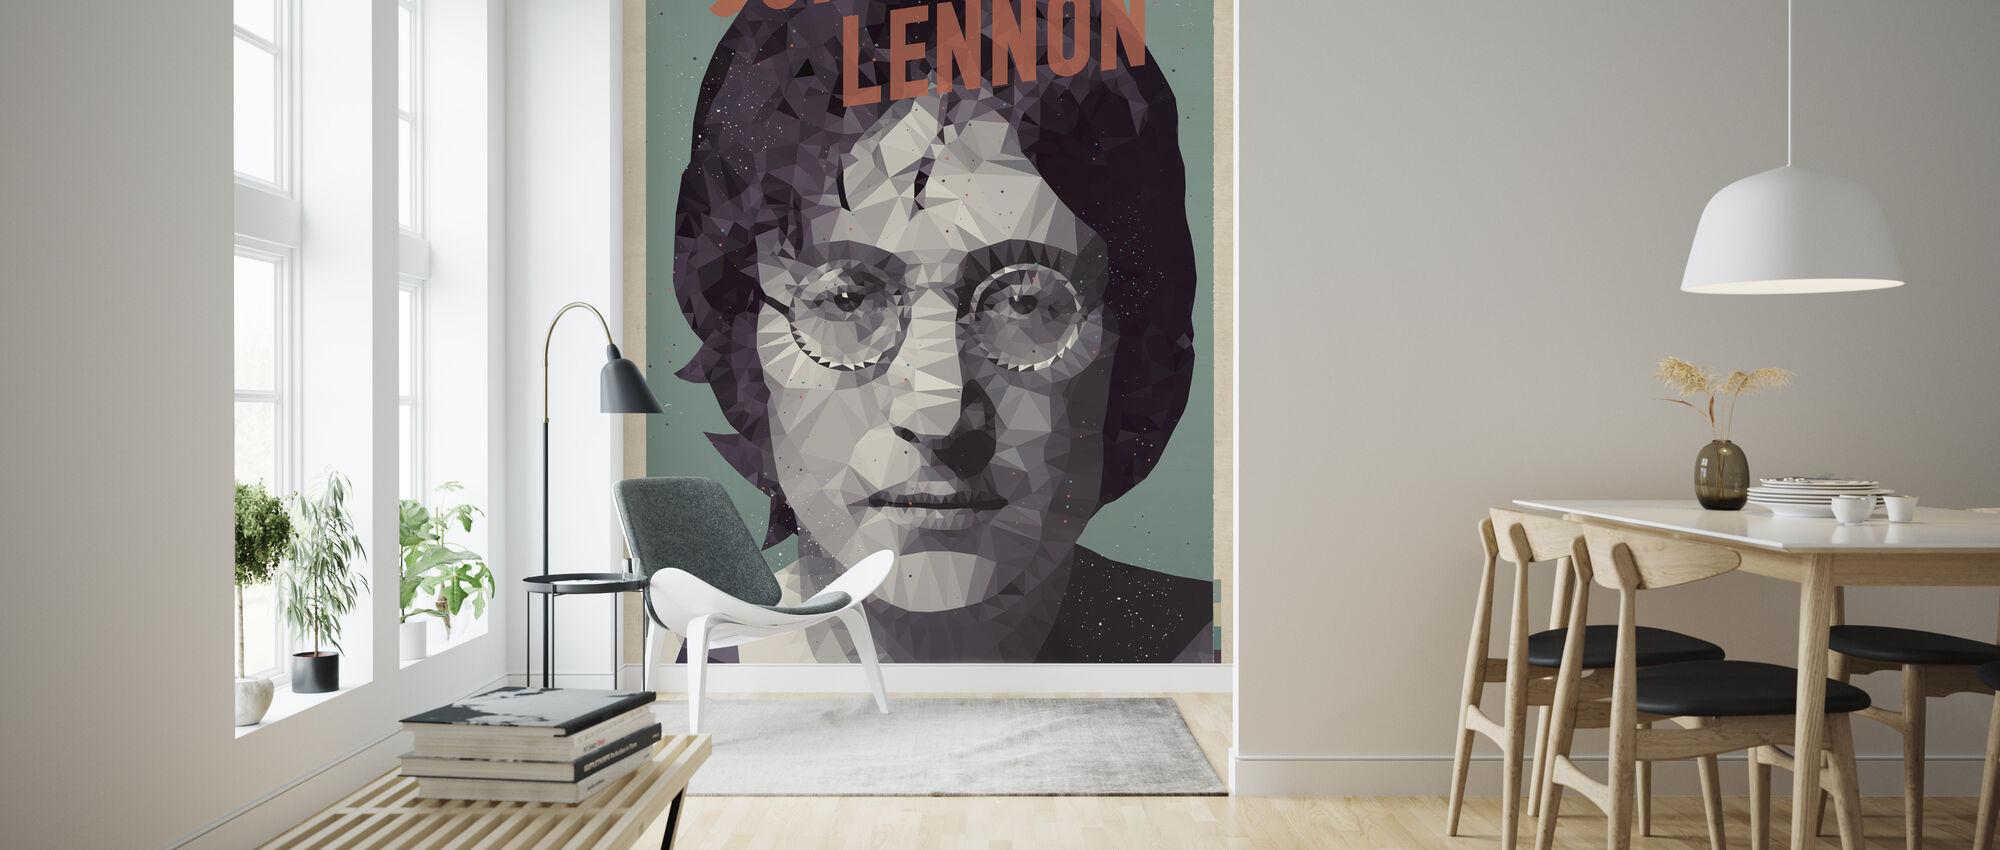 Imagine - Wallpaper - Living Room